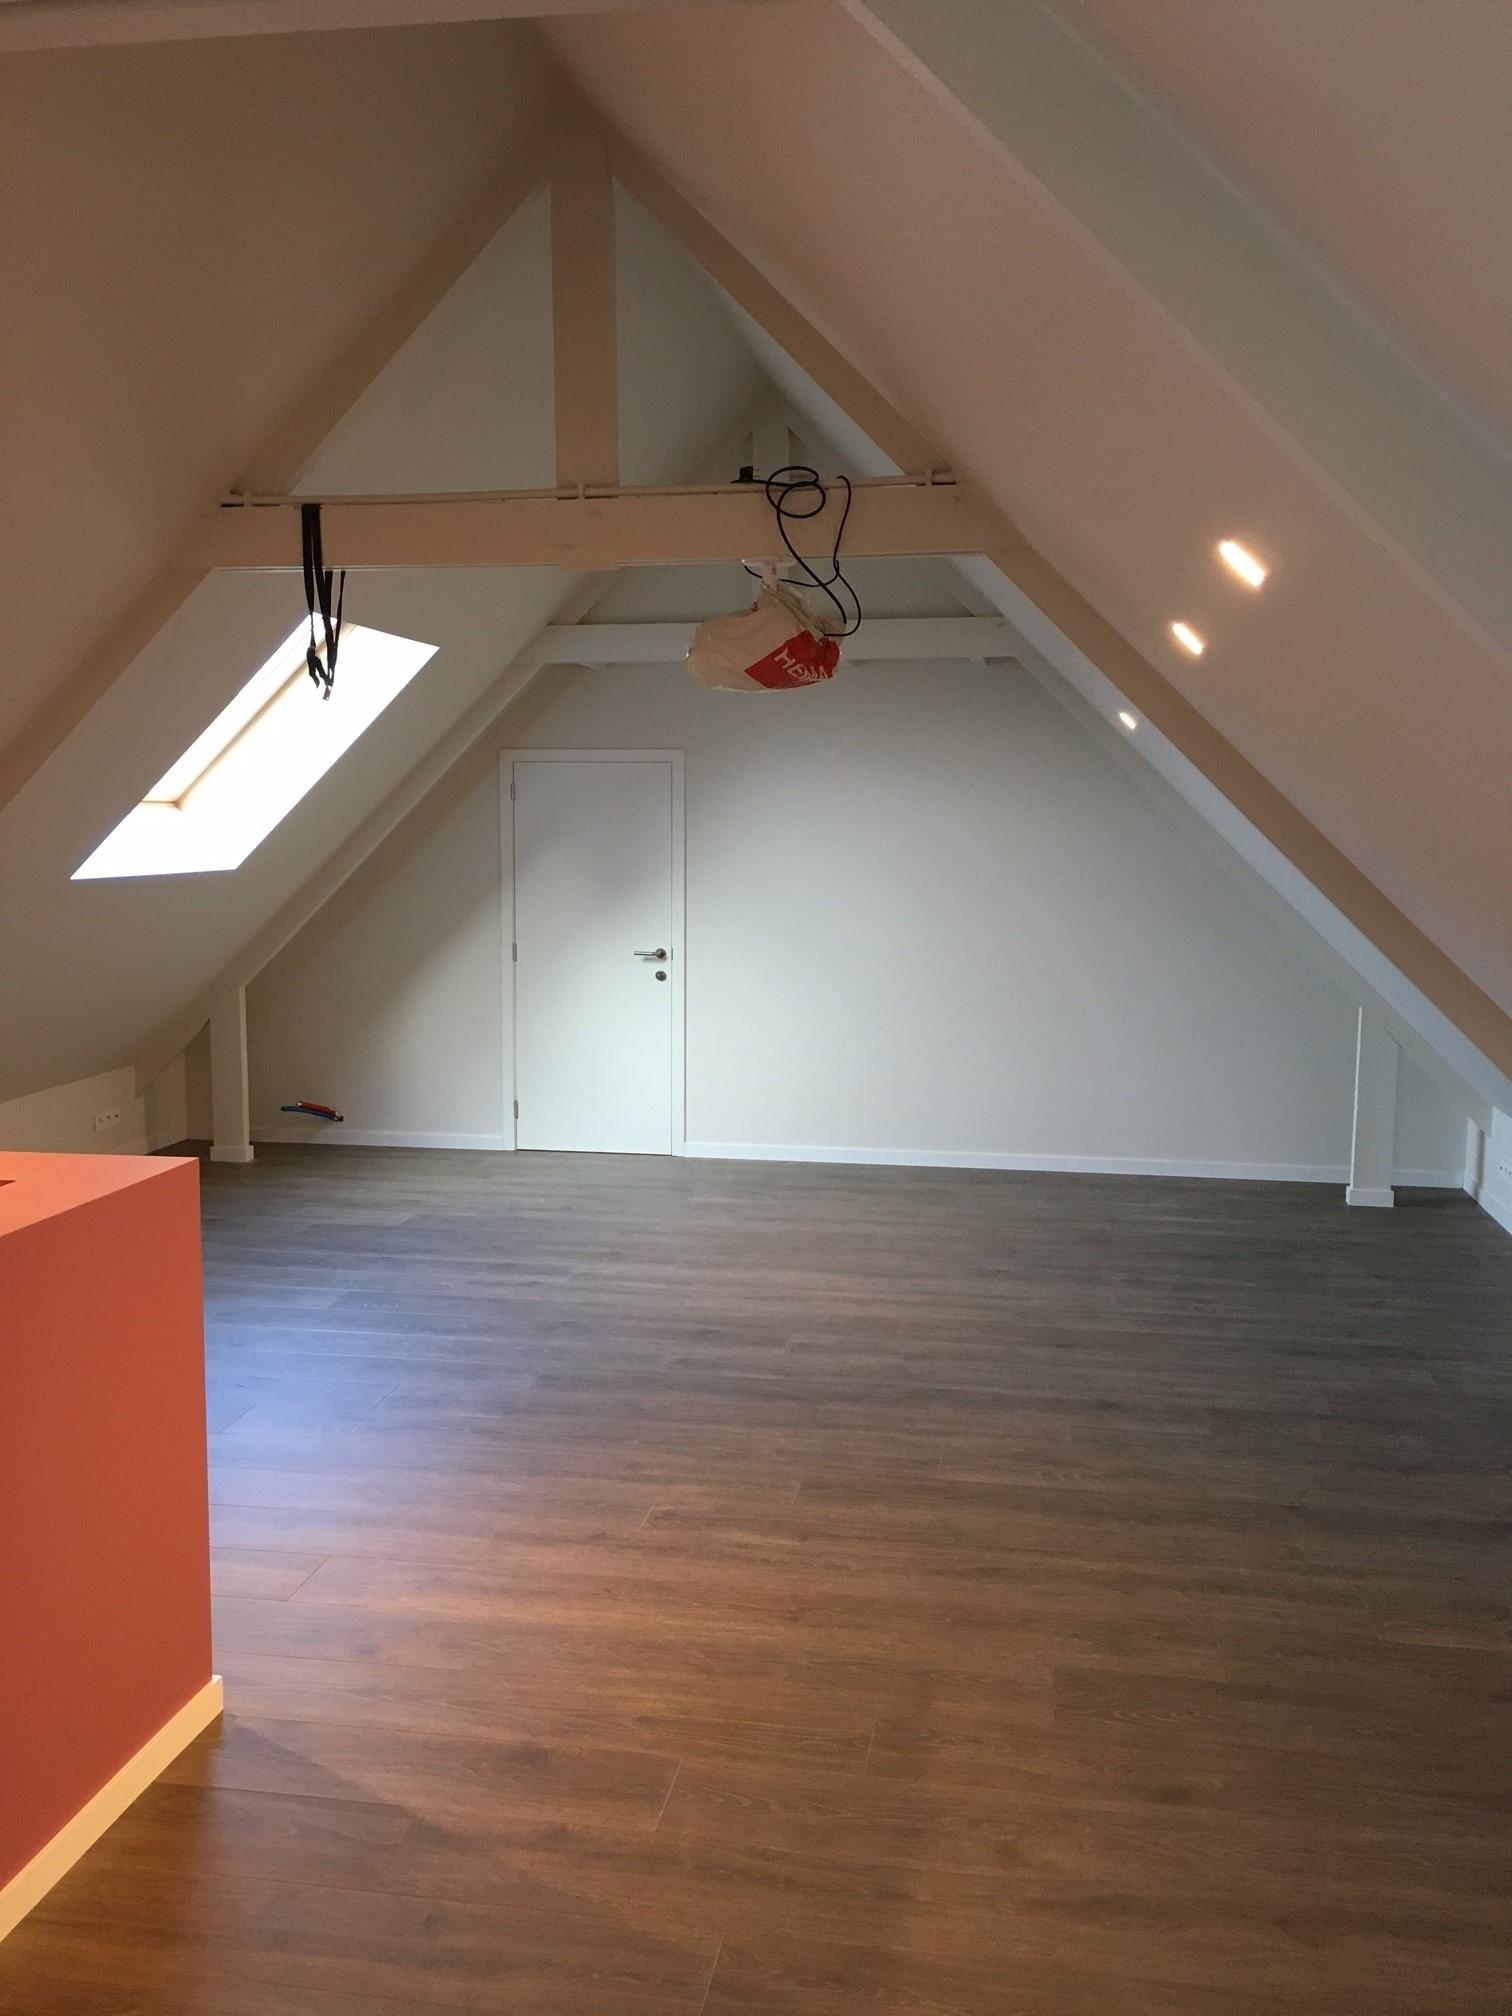 Zolderrenovaties-West Vlaanderen-pleisterwerken